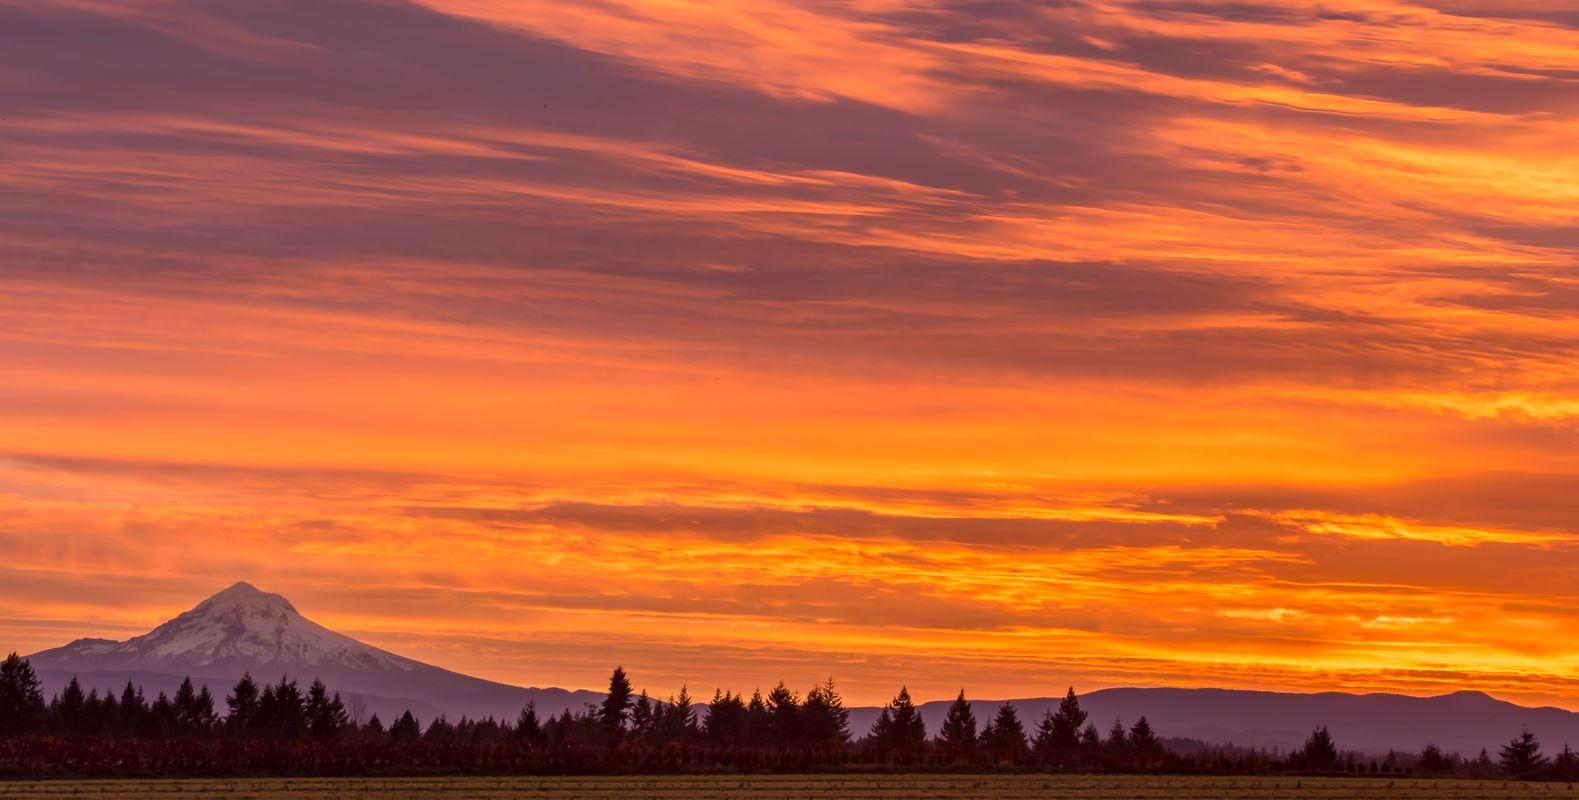 Mt Hood Oregon Sunrise